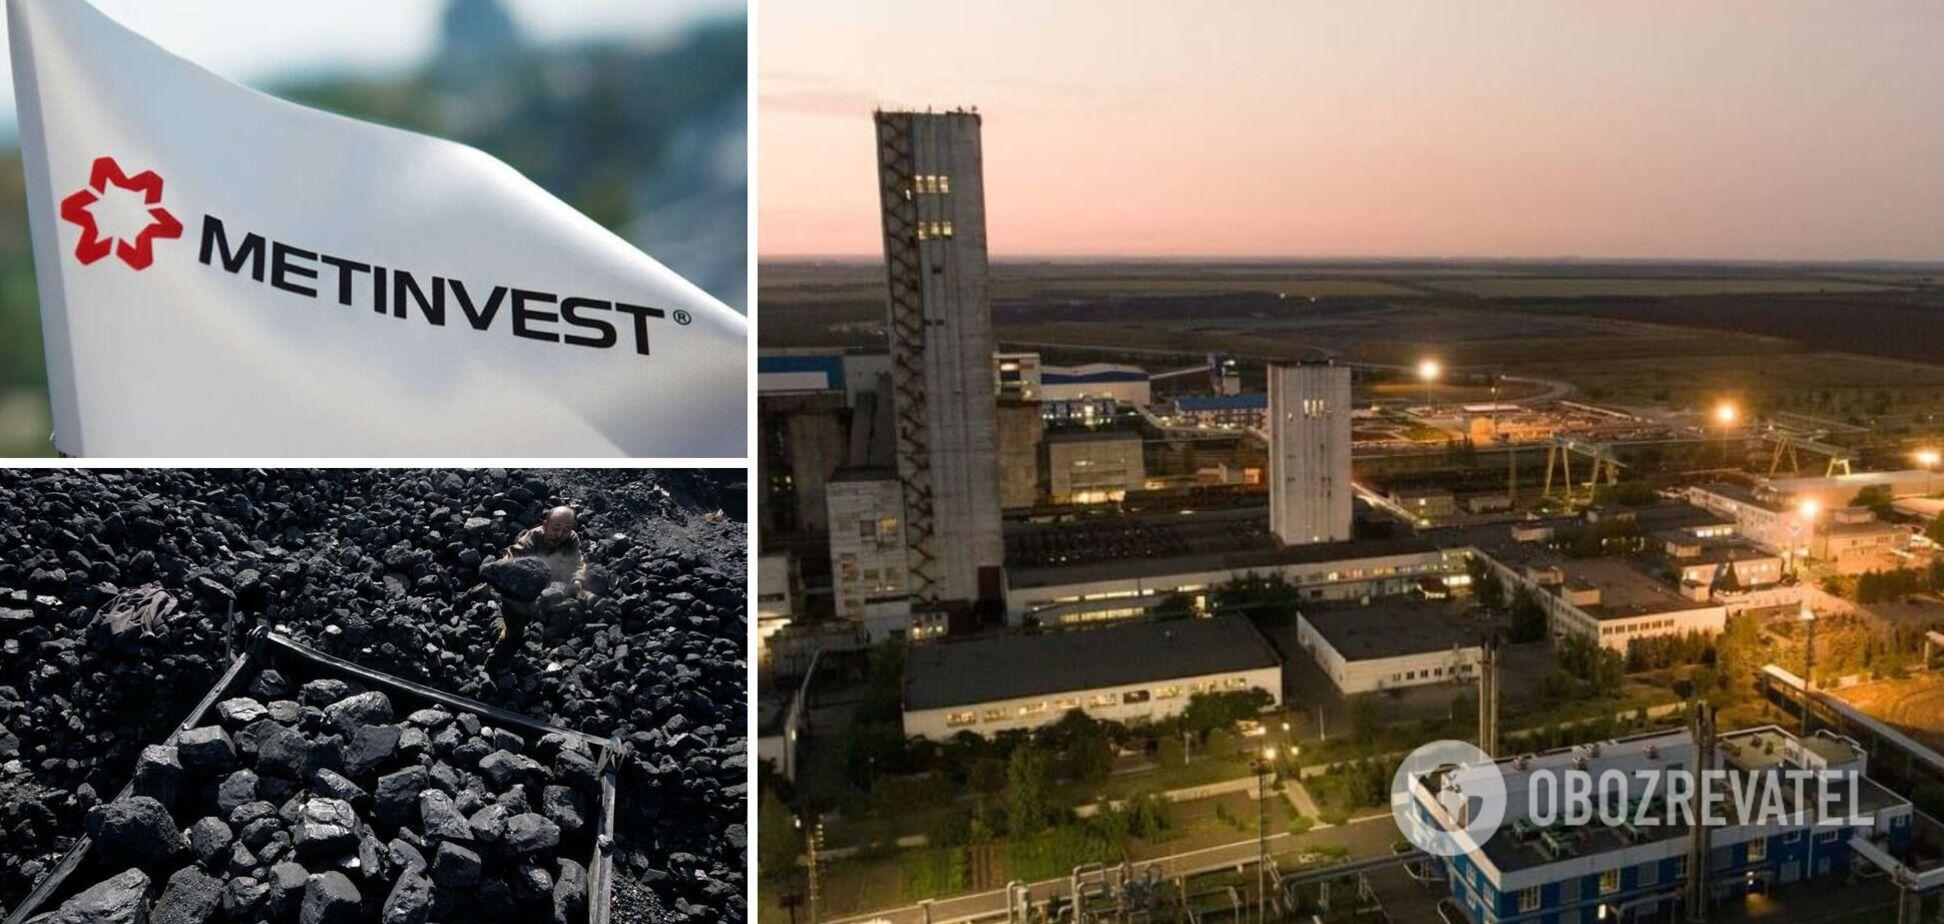 Эксперт рассказал, как покупка 'Метинвестом' 'Покровской угольной группы' скажется на развитии прифронтовых территорий